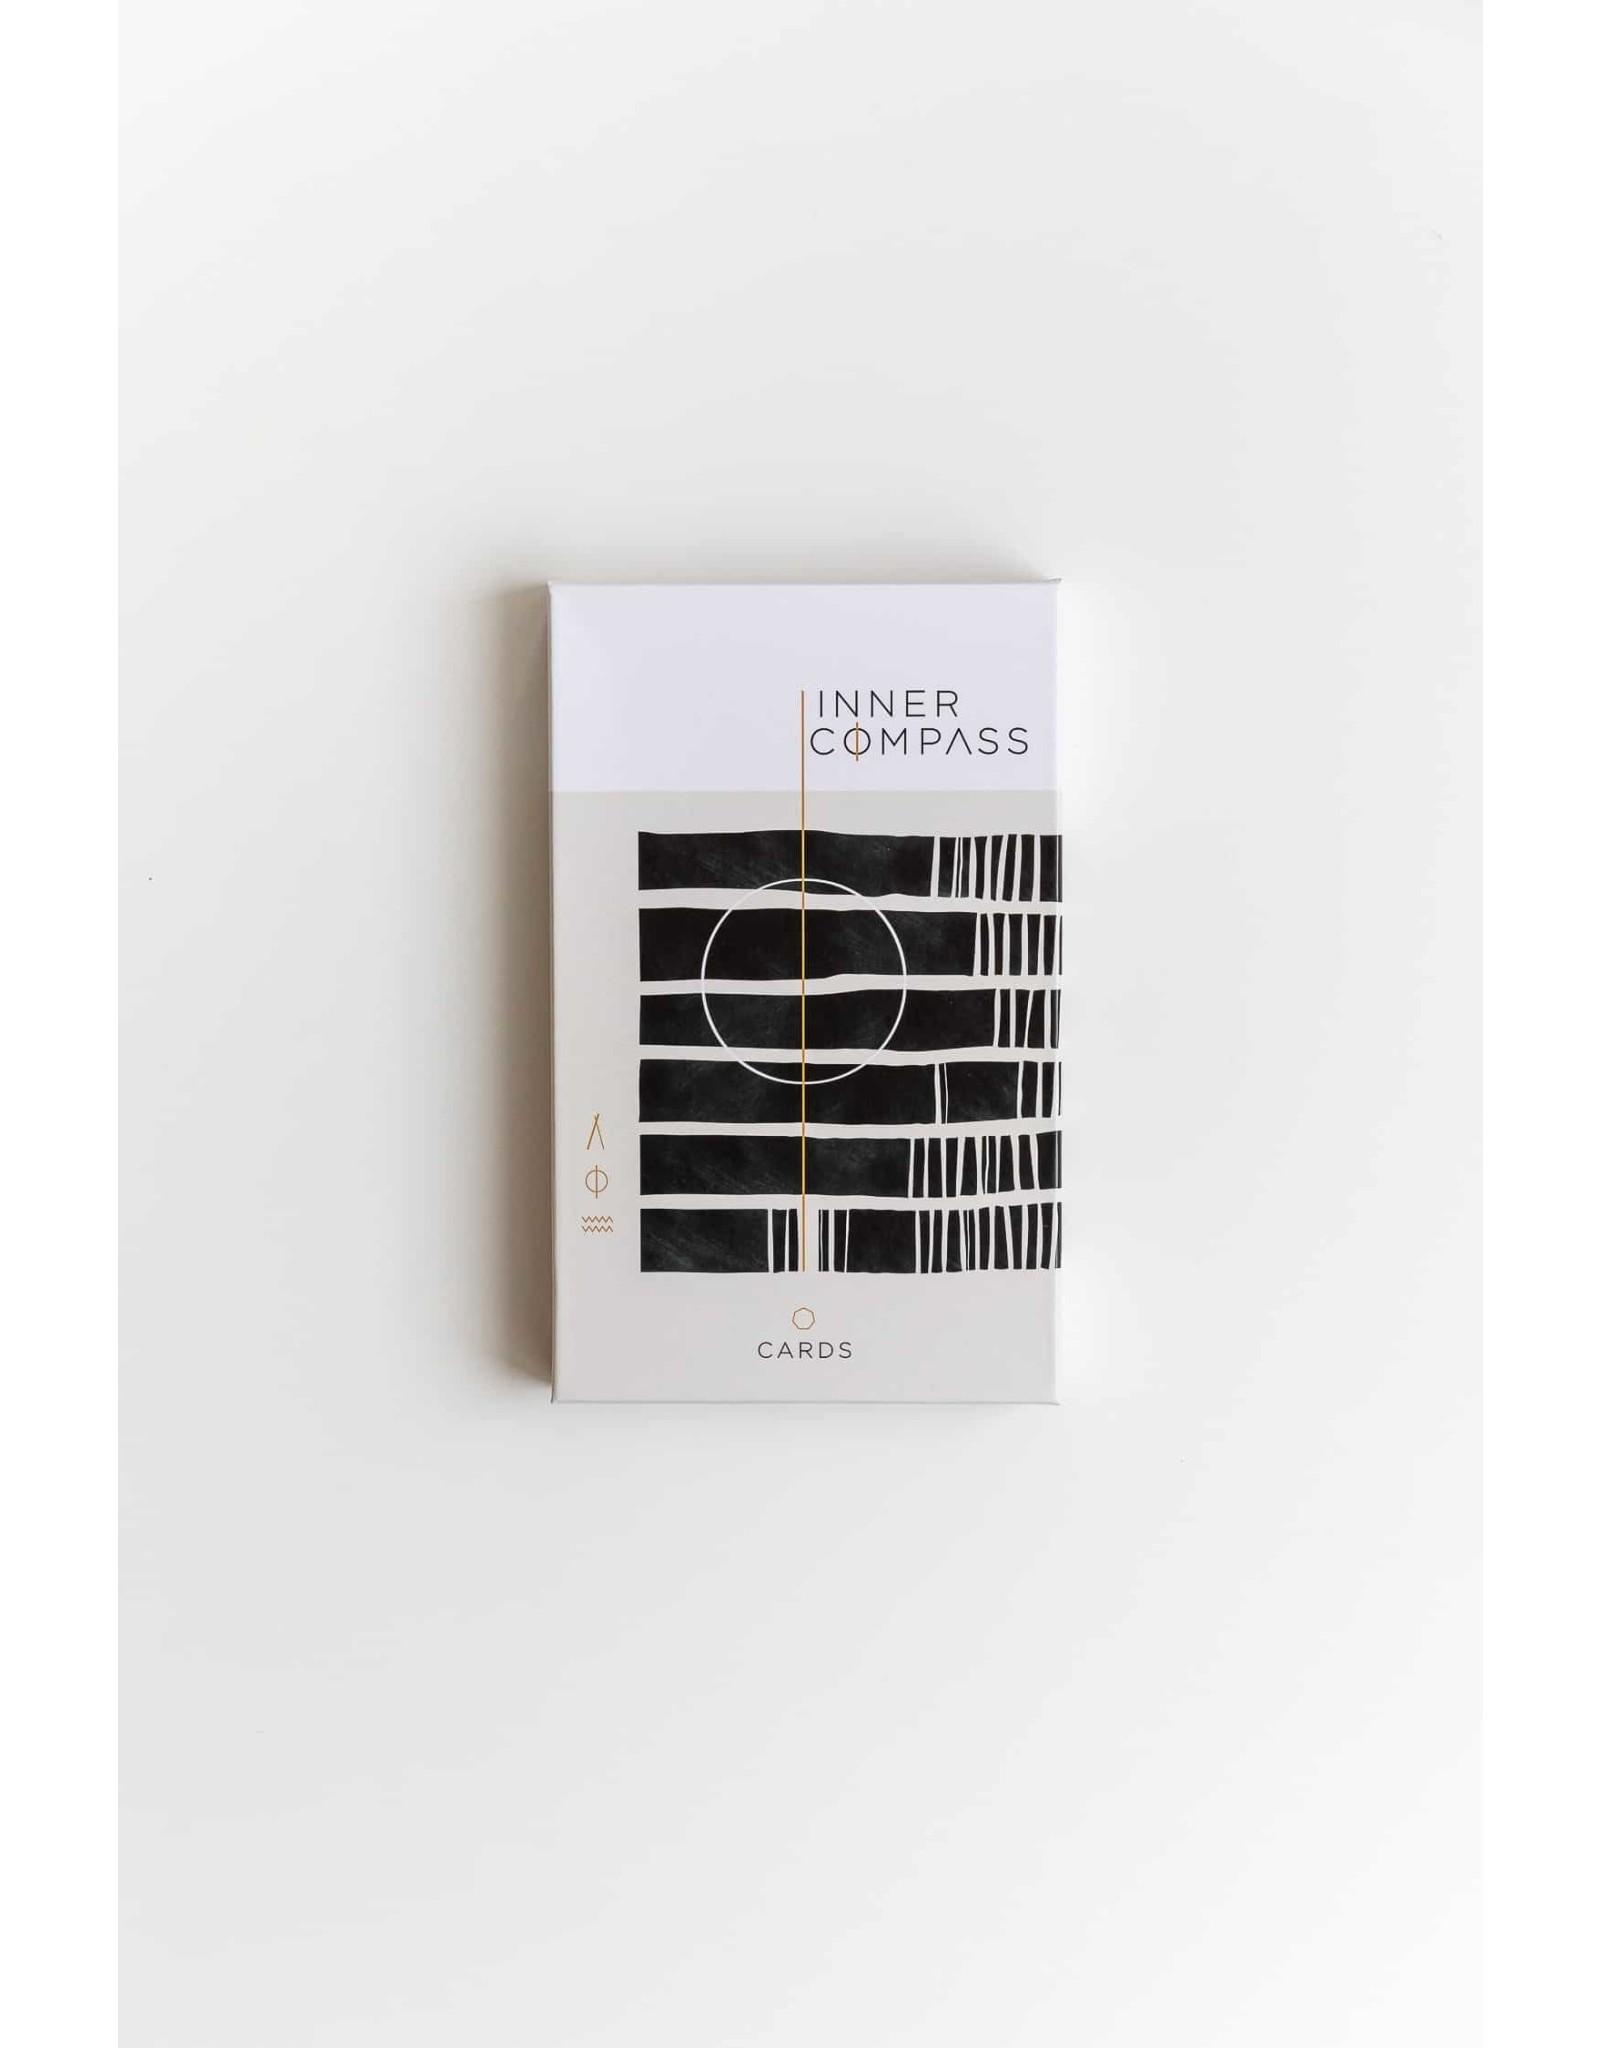 Innercompass Inner Compass cards